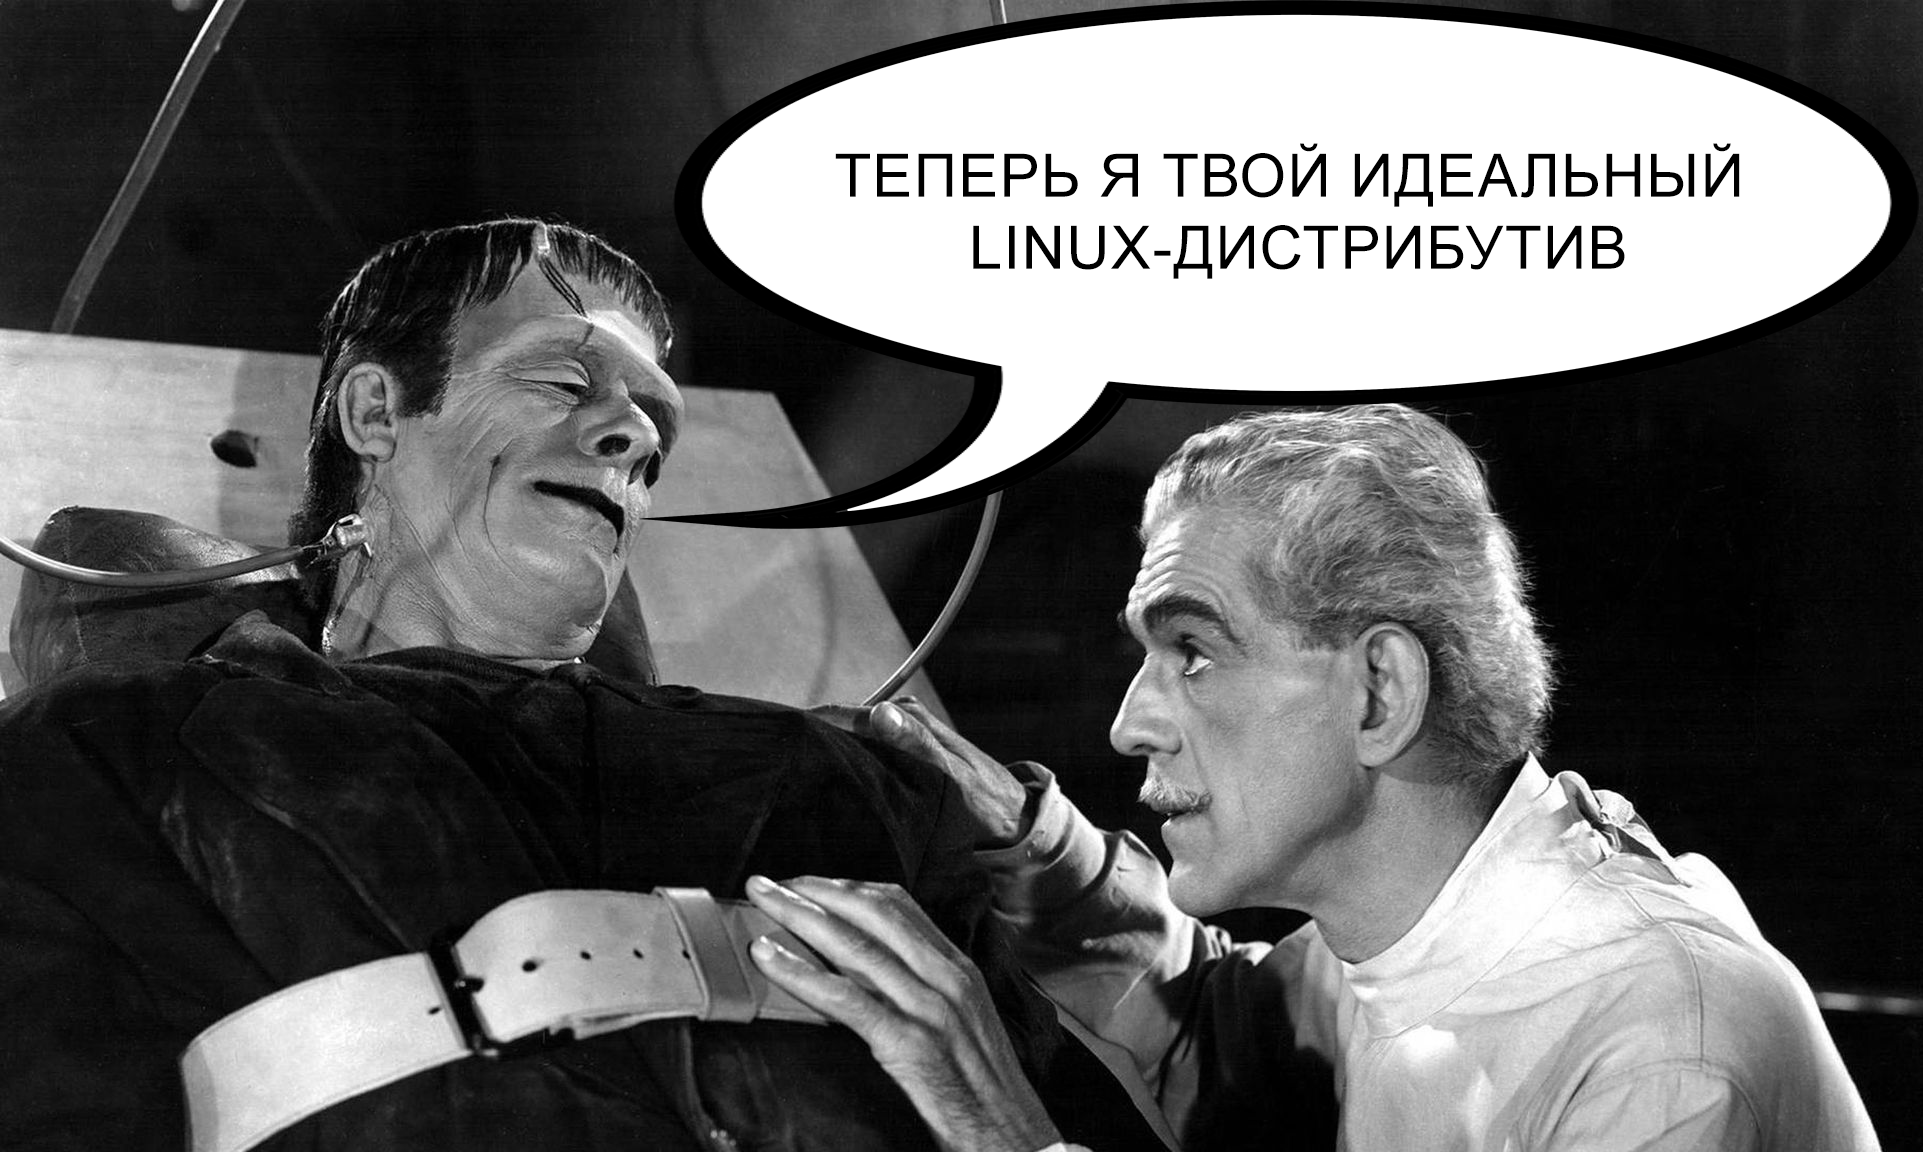 Bedrock Linux: лего-набор для создания идеального linux-дистрибутива - 1